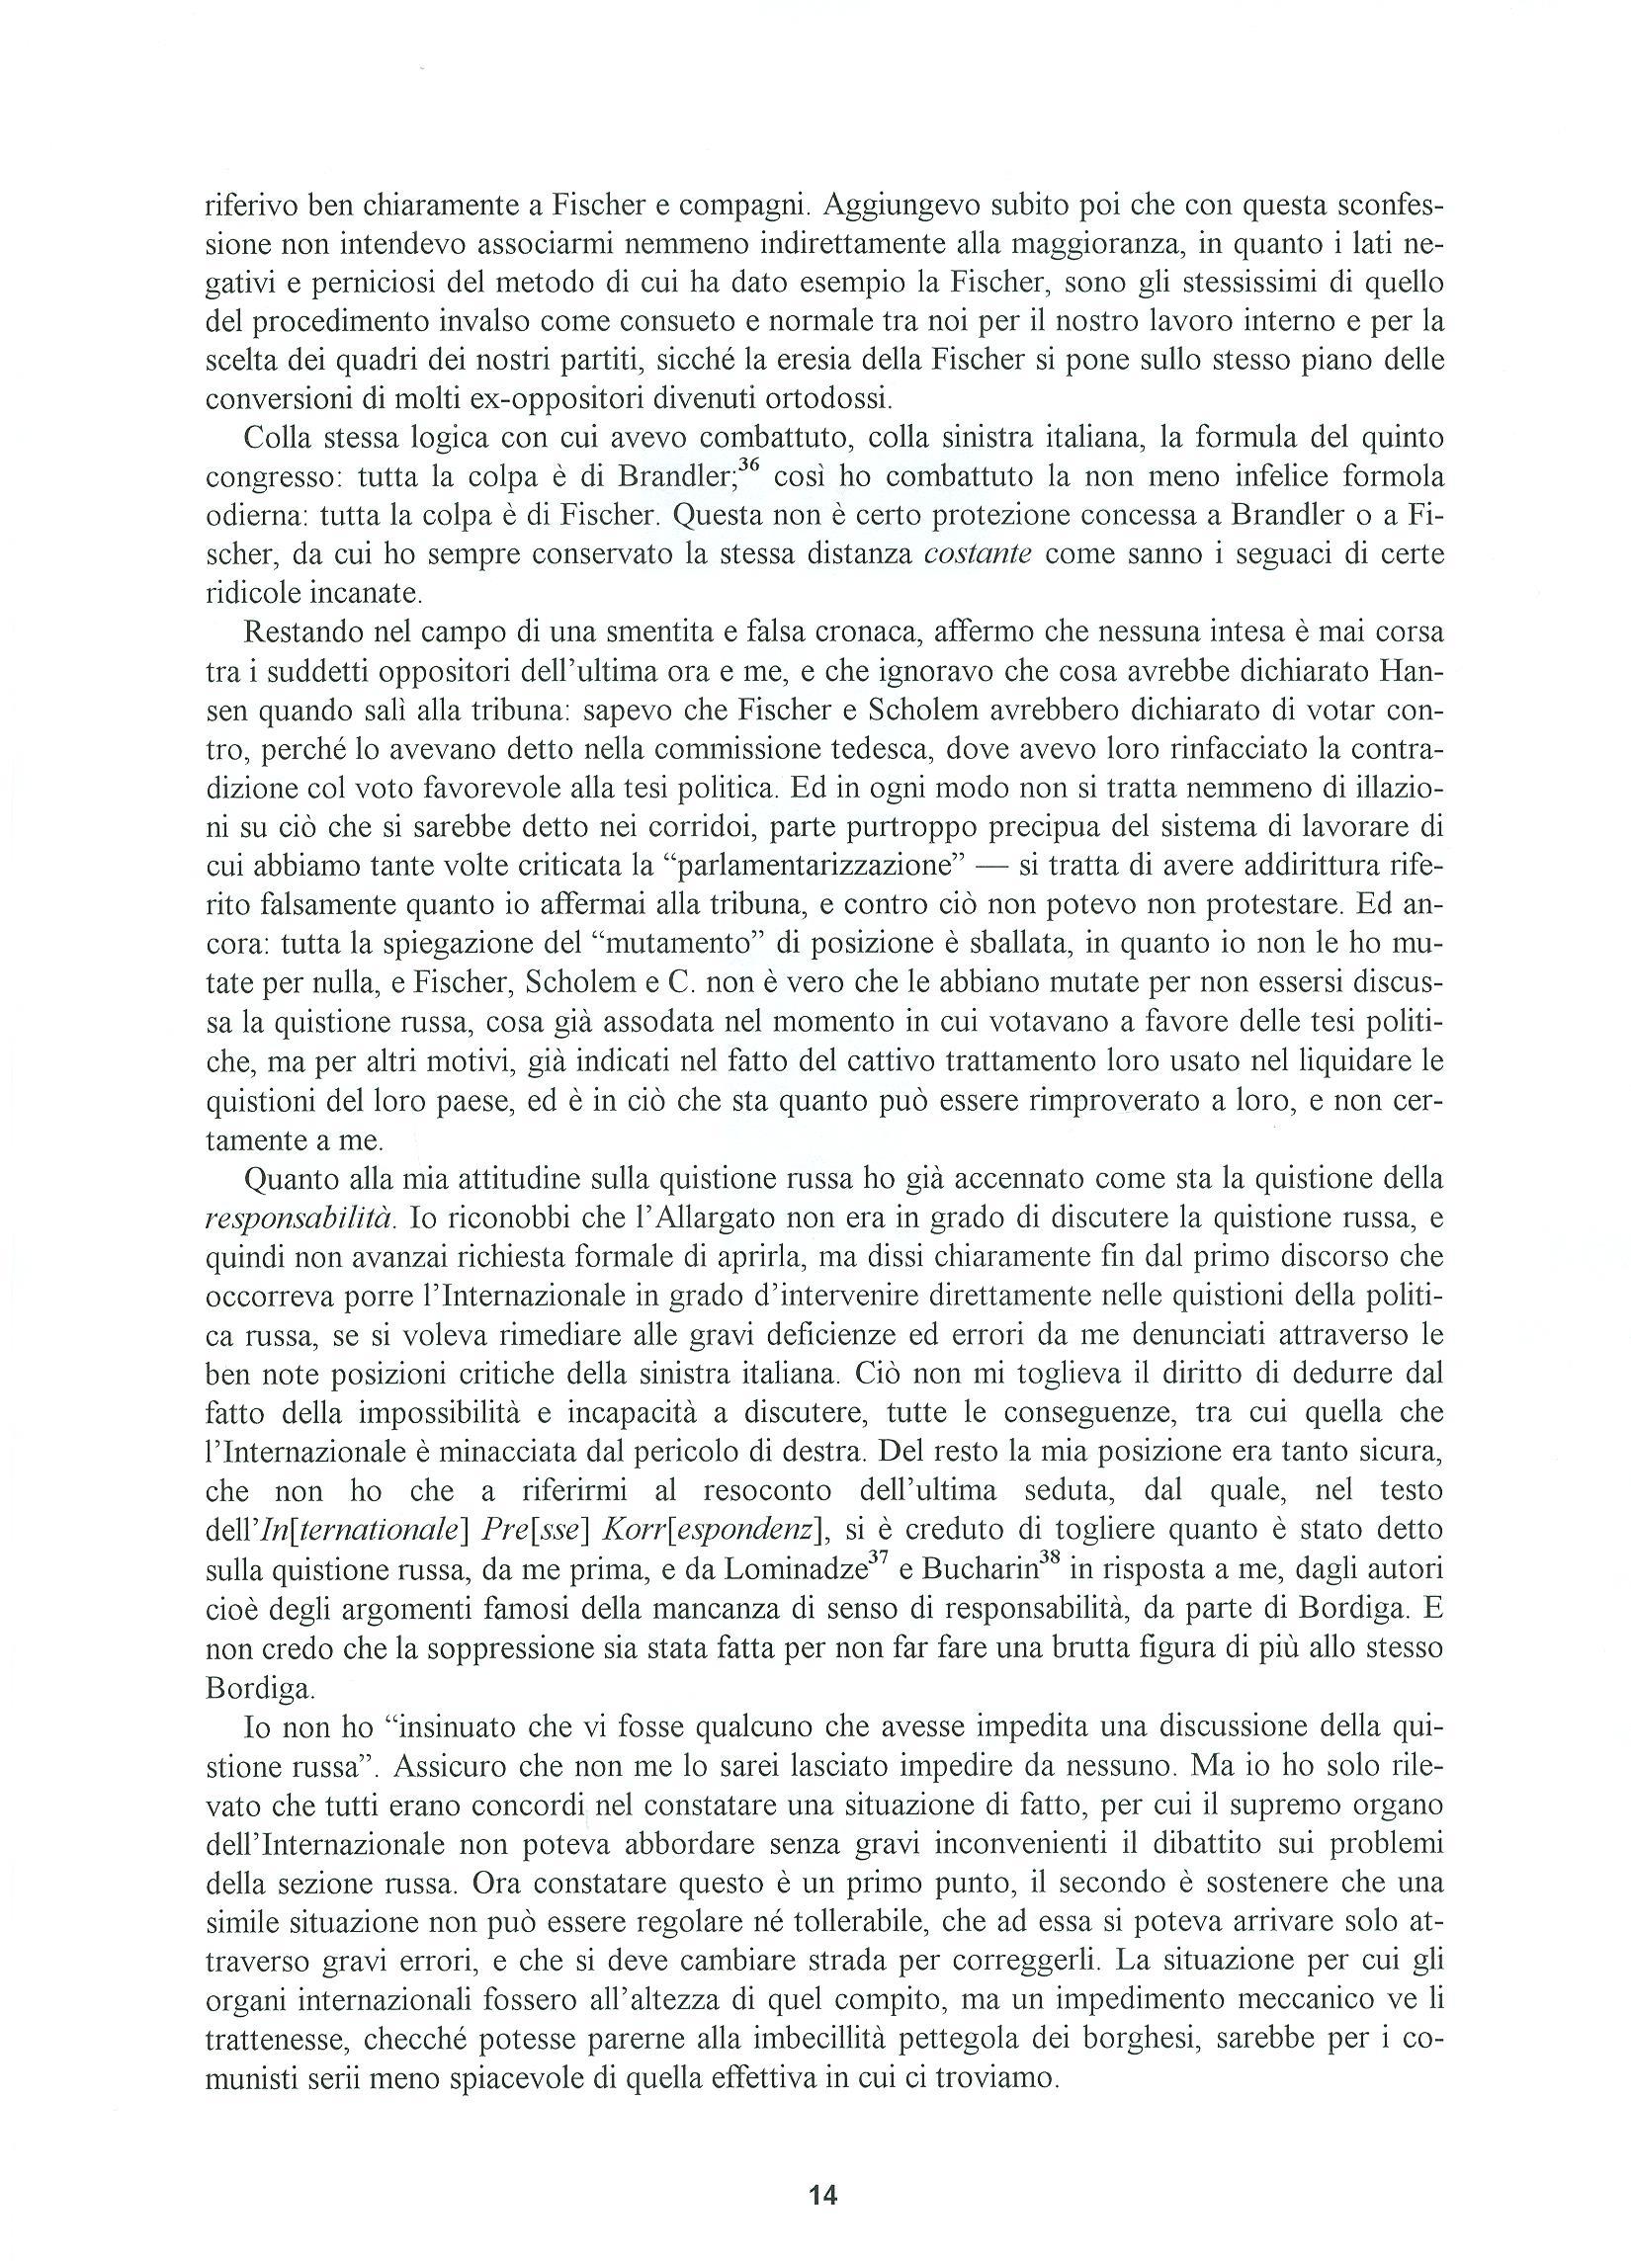 Quaderni del Centro Studi Pietro Tresso (1996-2009) n. 14 (novembre 1998) - pag. 15